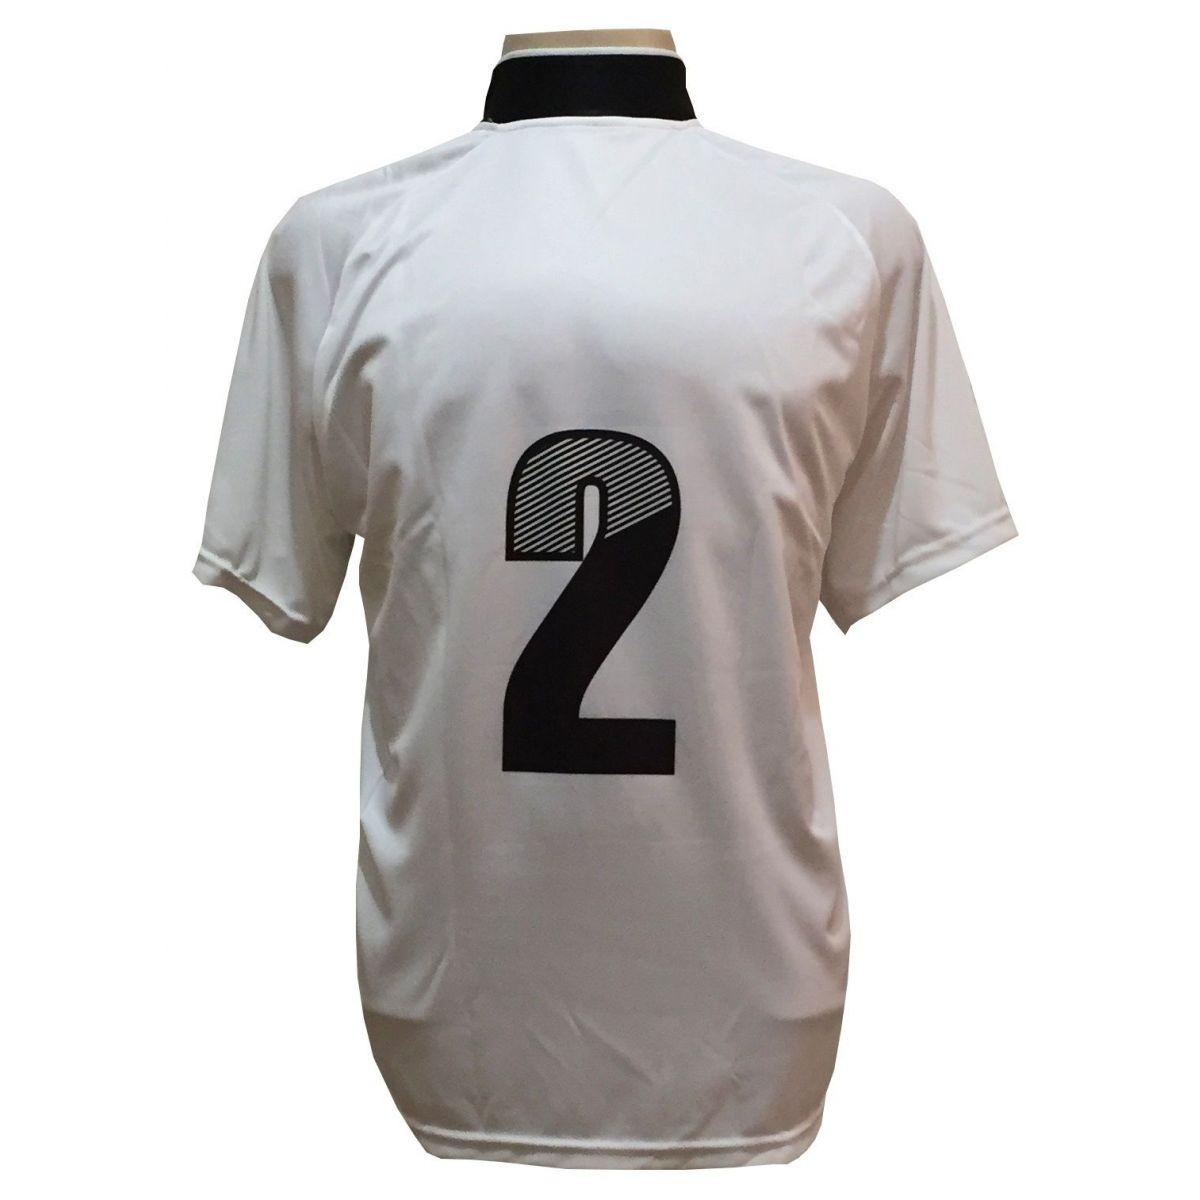 Uniforme Esportivo com 18 camisas modelo Milan Branco/Preto + 18 calções modelo Madrid Preto + 18 pares de meiões Branco   - ESTAÇÃO DO ESPORTE